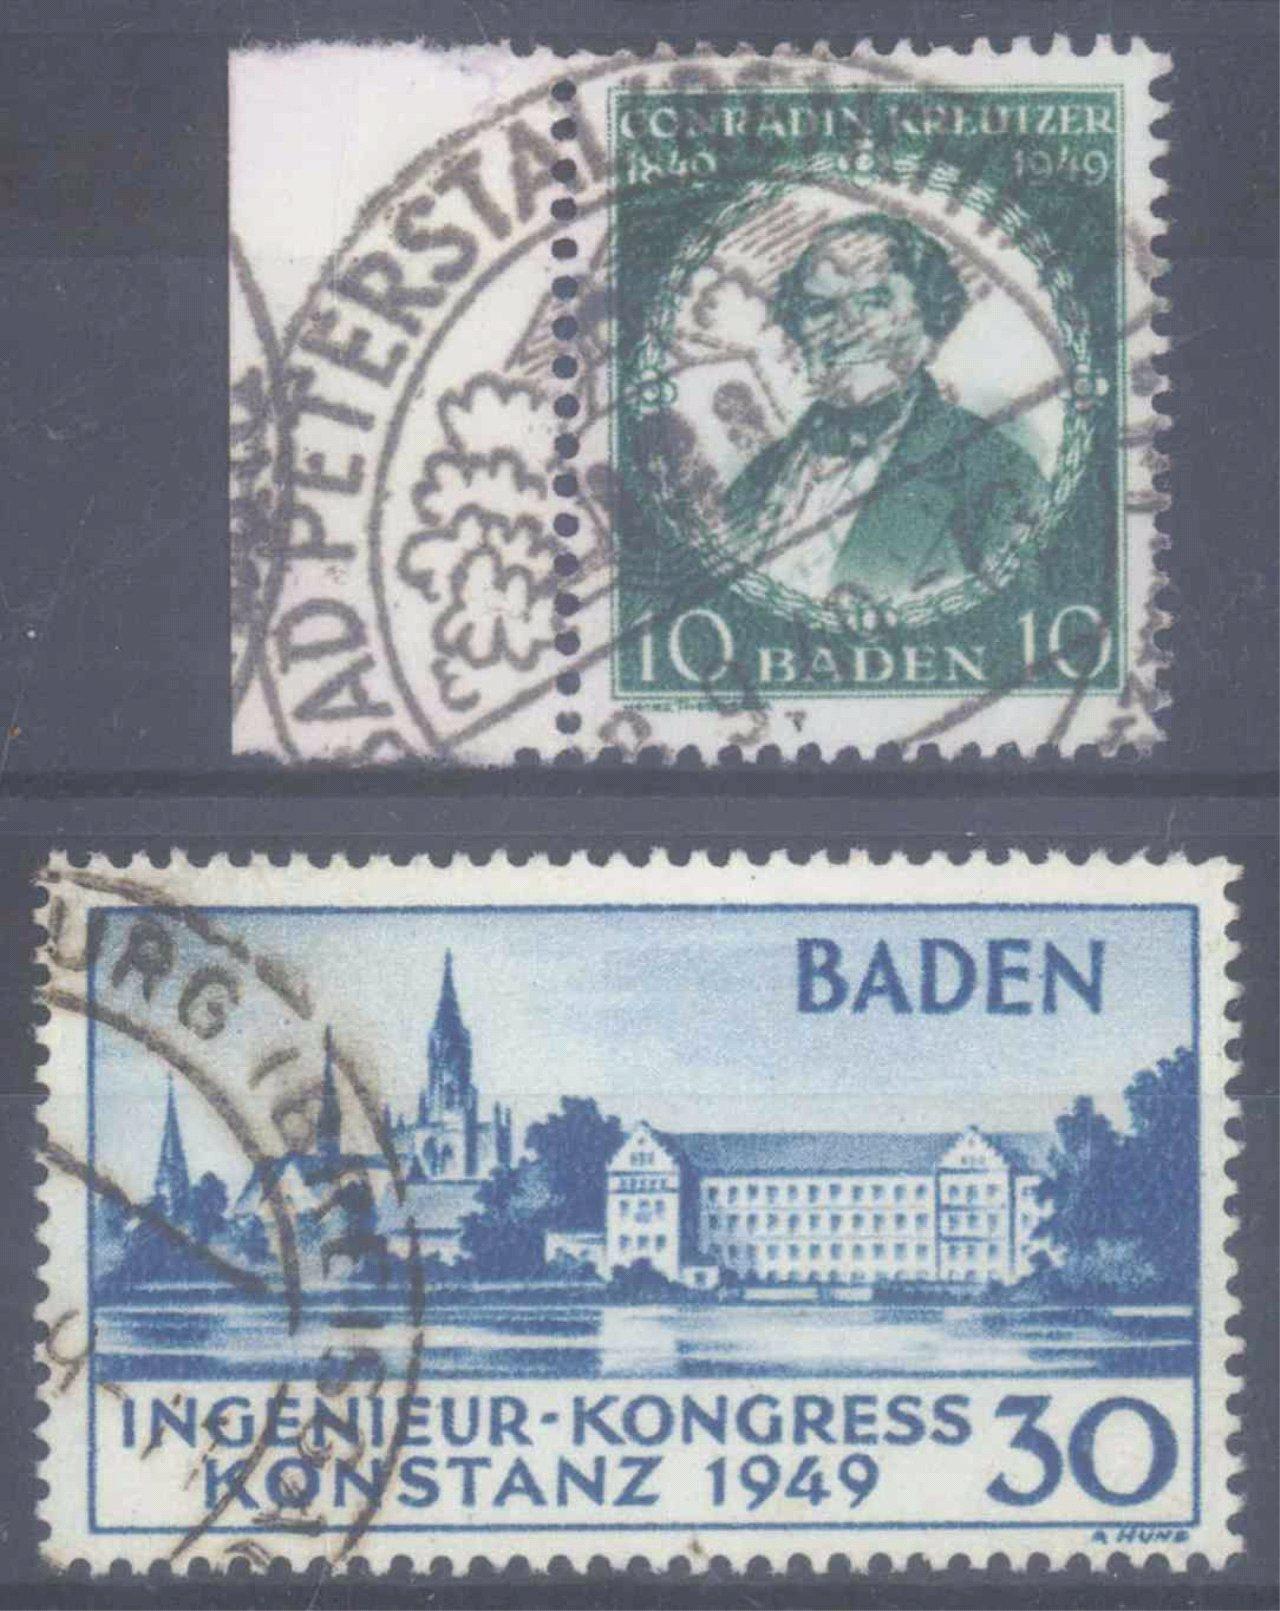 FRANZÖSISCHE ZONE BADEN 1949, KONSTANZ I und Kreutzer